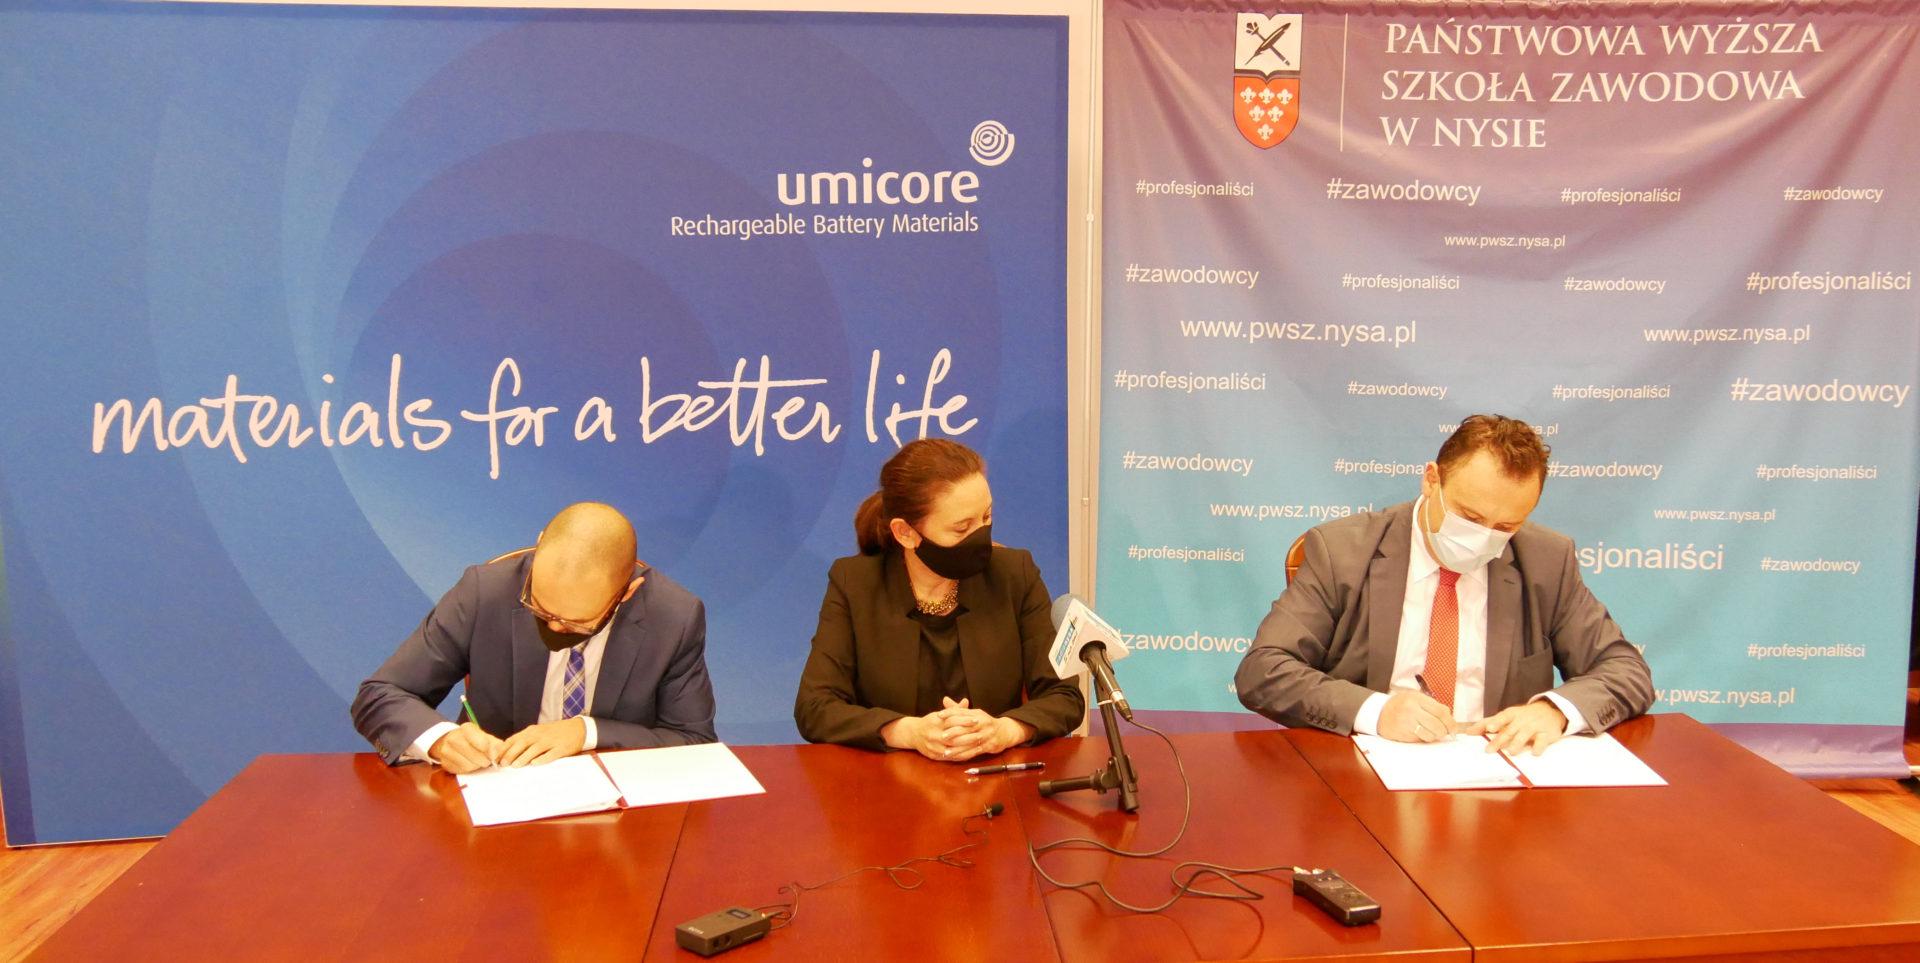 PWSZ w Nysie i Umicore podpisały umowę o współpracy